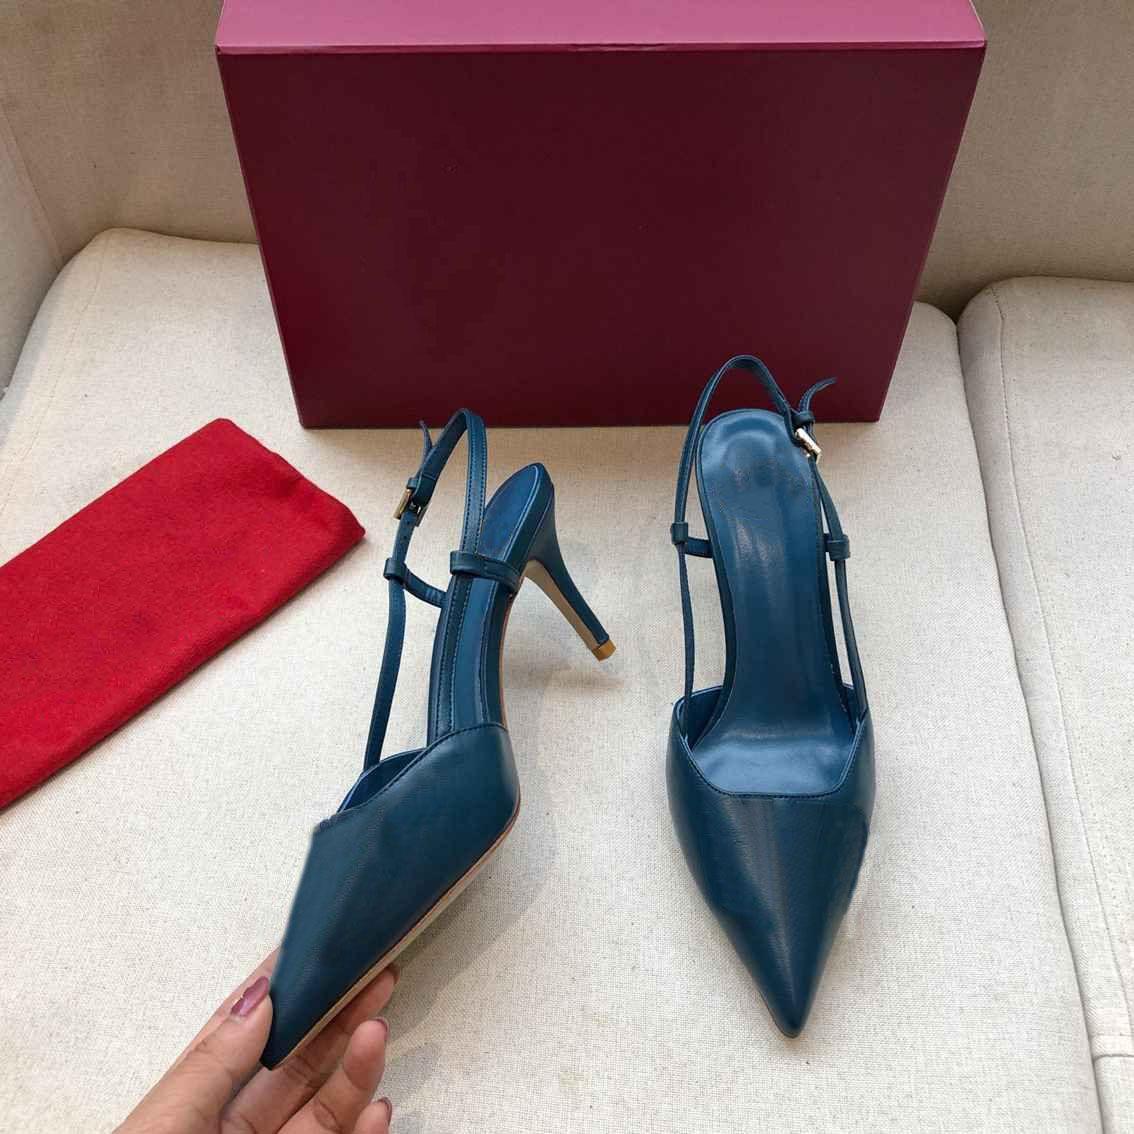 2021 Yeni Moda Konforlu Mizaç Kadın Yüksek Topuklu Parti Sandalet Artı Boyutu 34 - 40 41 42 Gümüş Ayakkabı Yüksek Topuklu